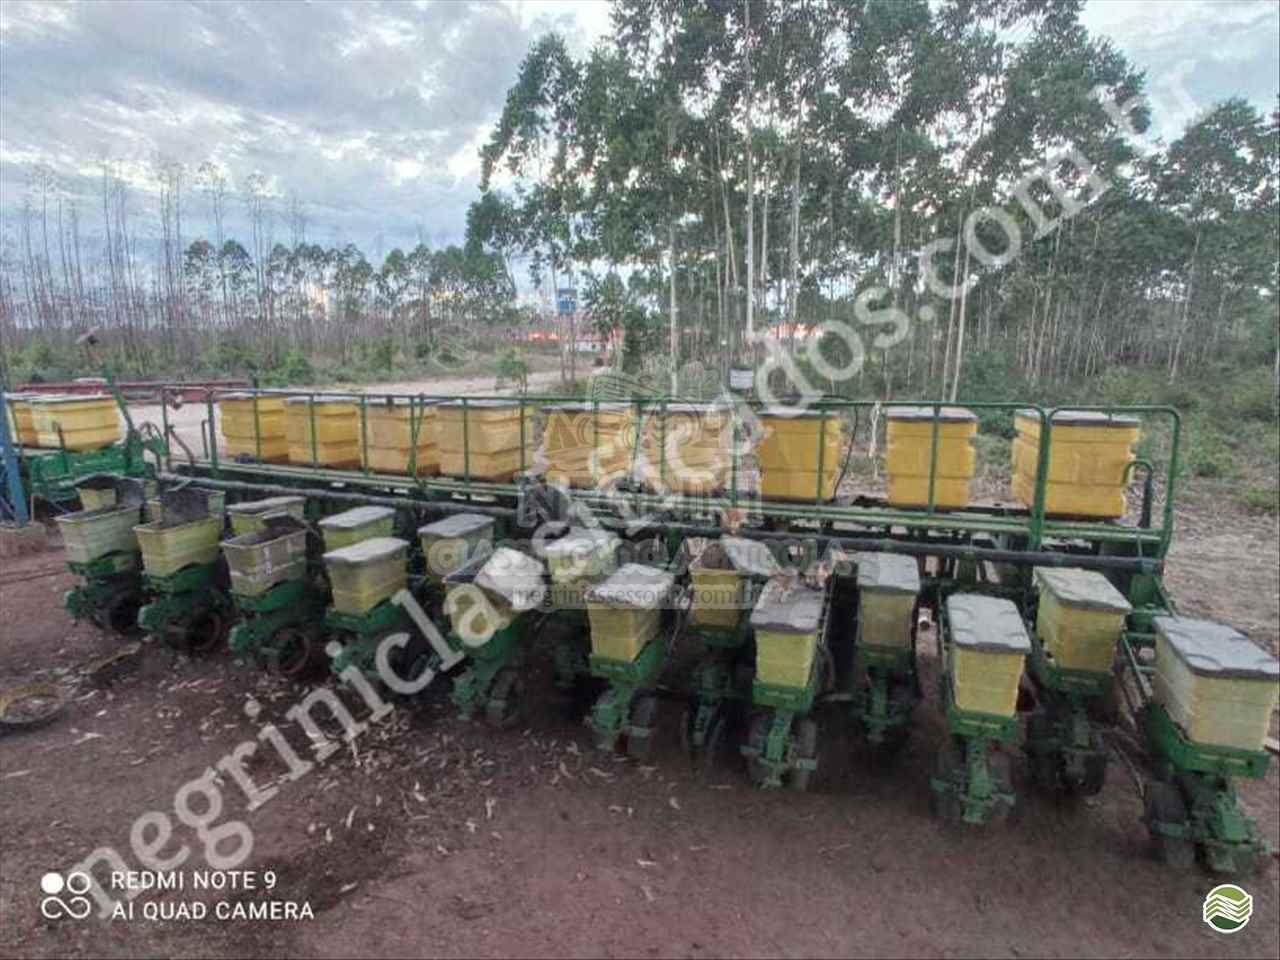 PLANTADEIRA JOHN DEERE PLANTADEIRAS 9218 Negrini Plantadeiras FLORESTA PARANÁ PR